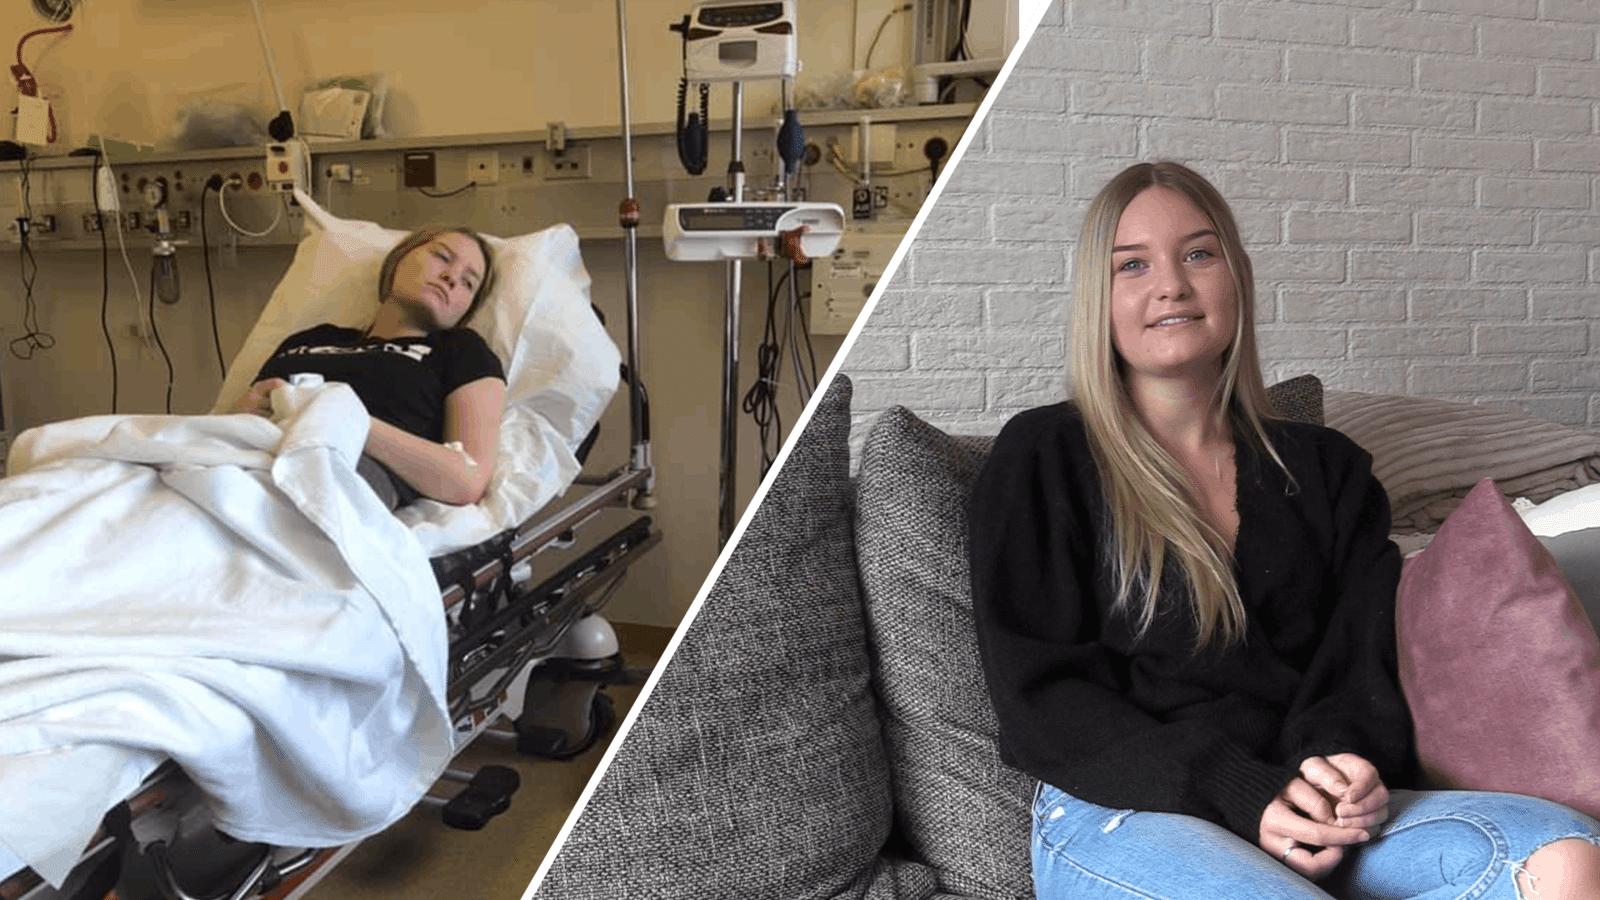 Lisan Donkers uit Breda heeft niet het leven zoals een 18-jarige dat zou wensen. Ze is continue moe, heeft pijnaanvallen, druk op haar blaas en last van haar geheugen. Dat alles komt door de ziekte van Lyme.